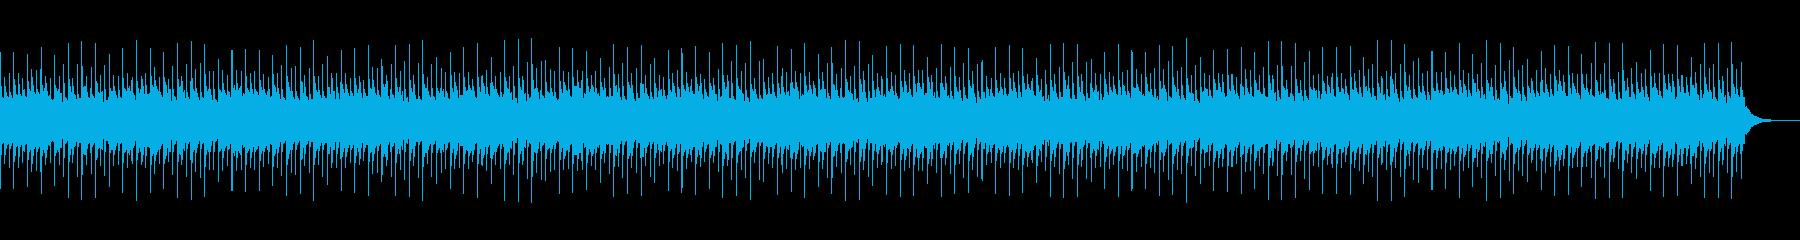 不安感を煽るオルゴール曲の再生済みの波形